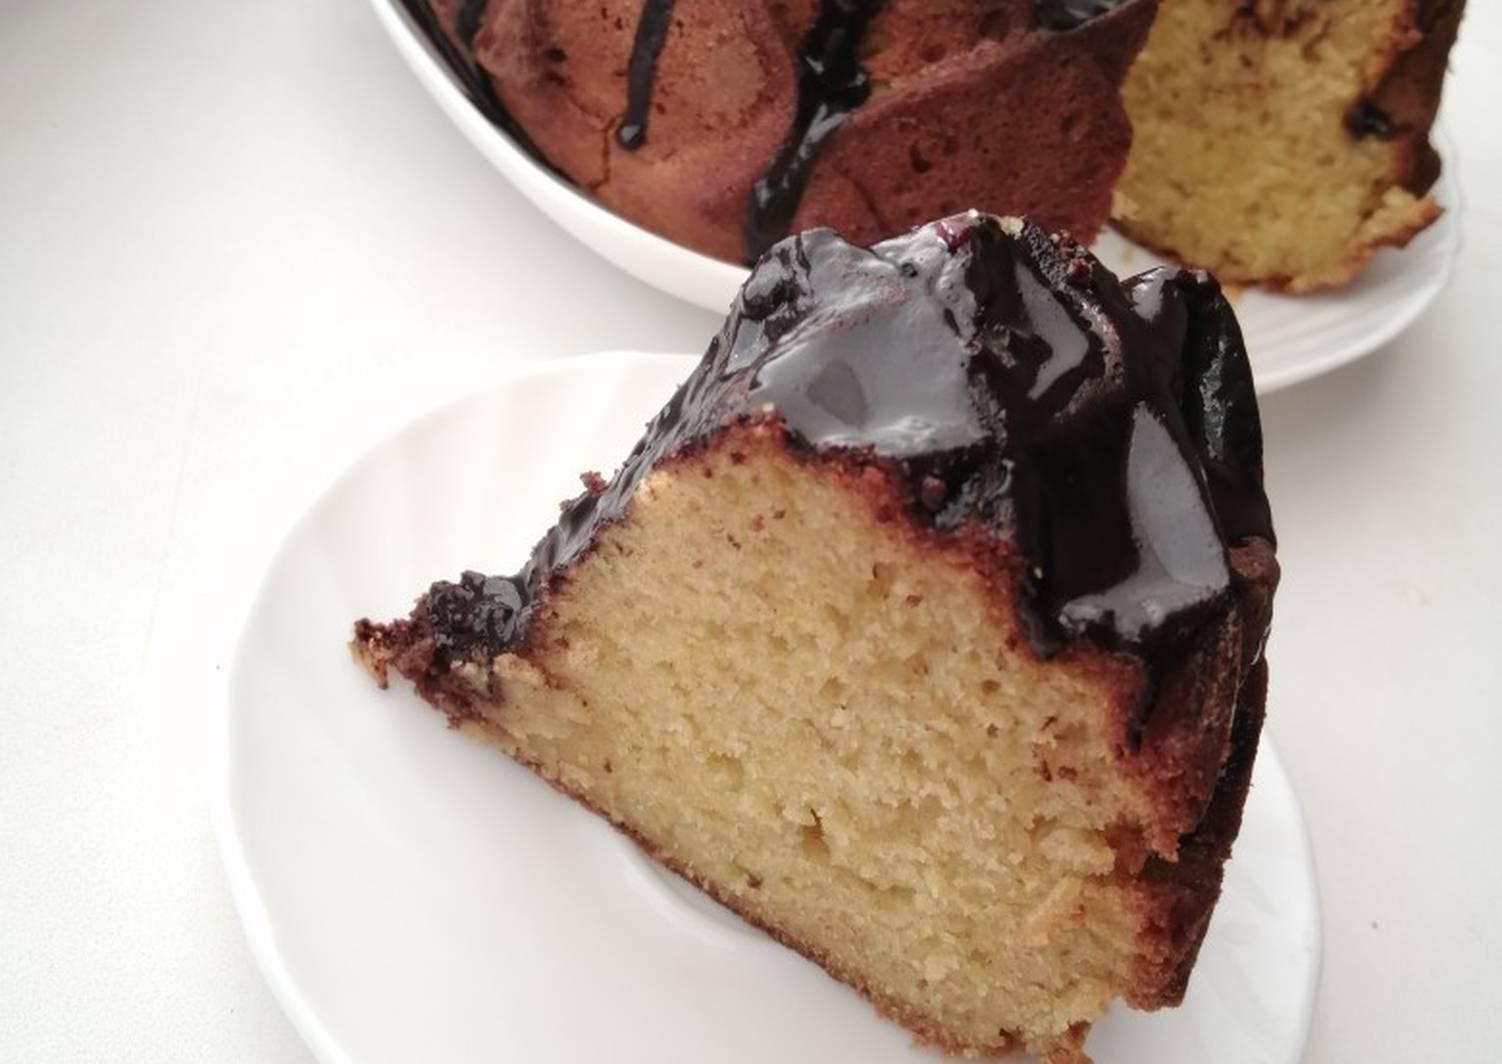 горшок папоротником кексы на кефире рецепты с фото пошагово определенных